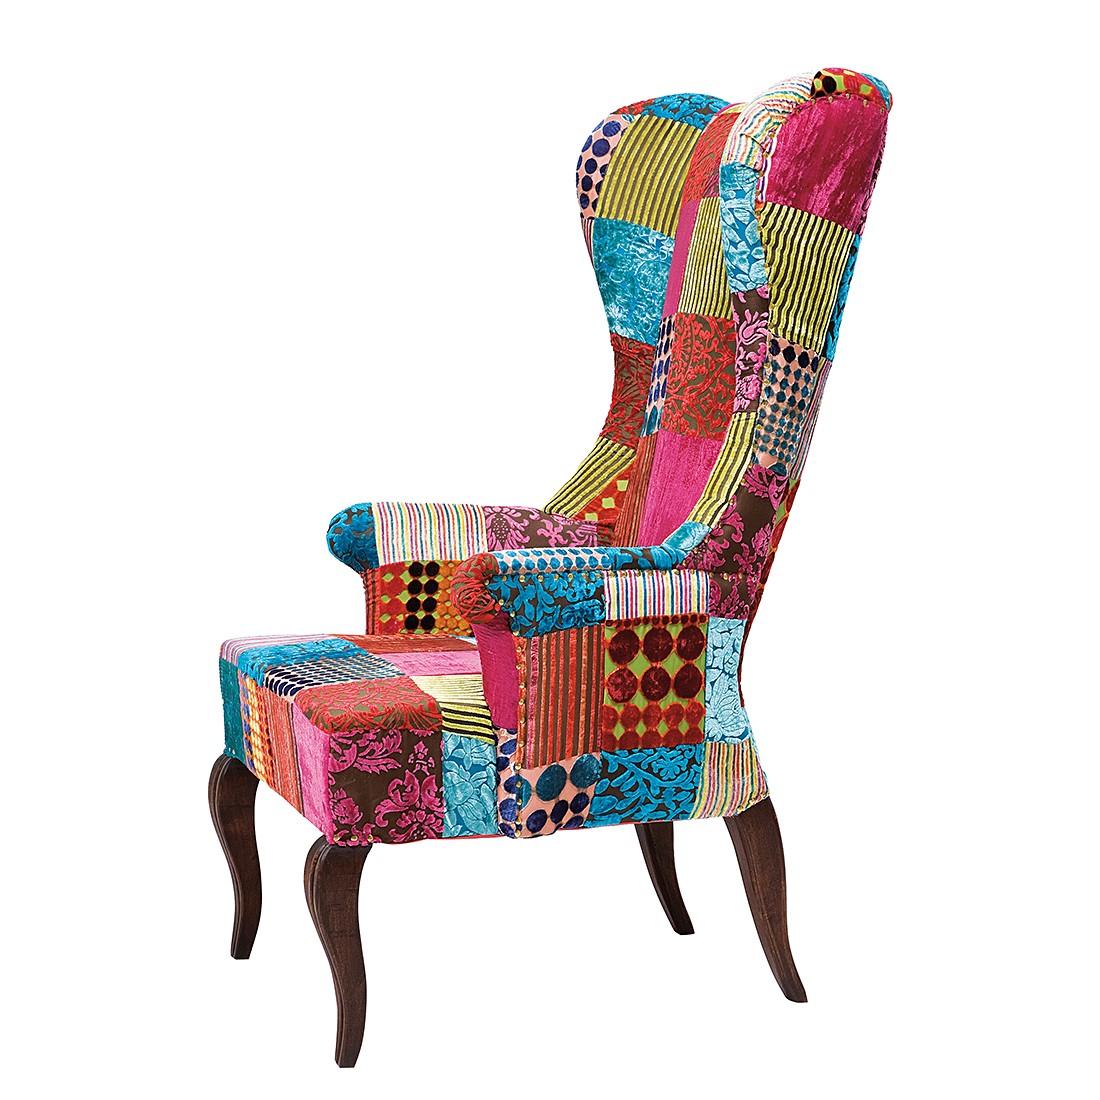 Patchwork elegant fauteuil kare design bont kare design for Ohrensessel patchwork